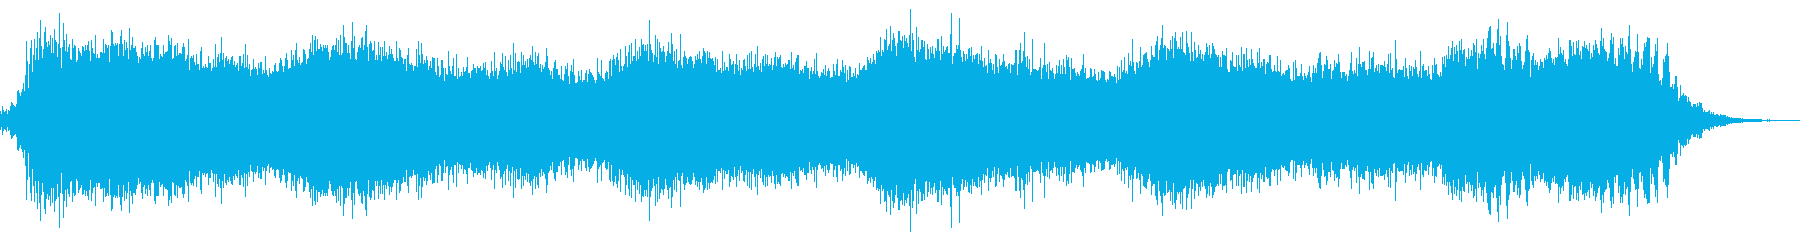 広大な宇宙空間を描写の再生済みの波形